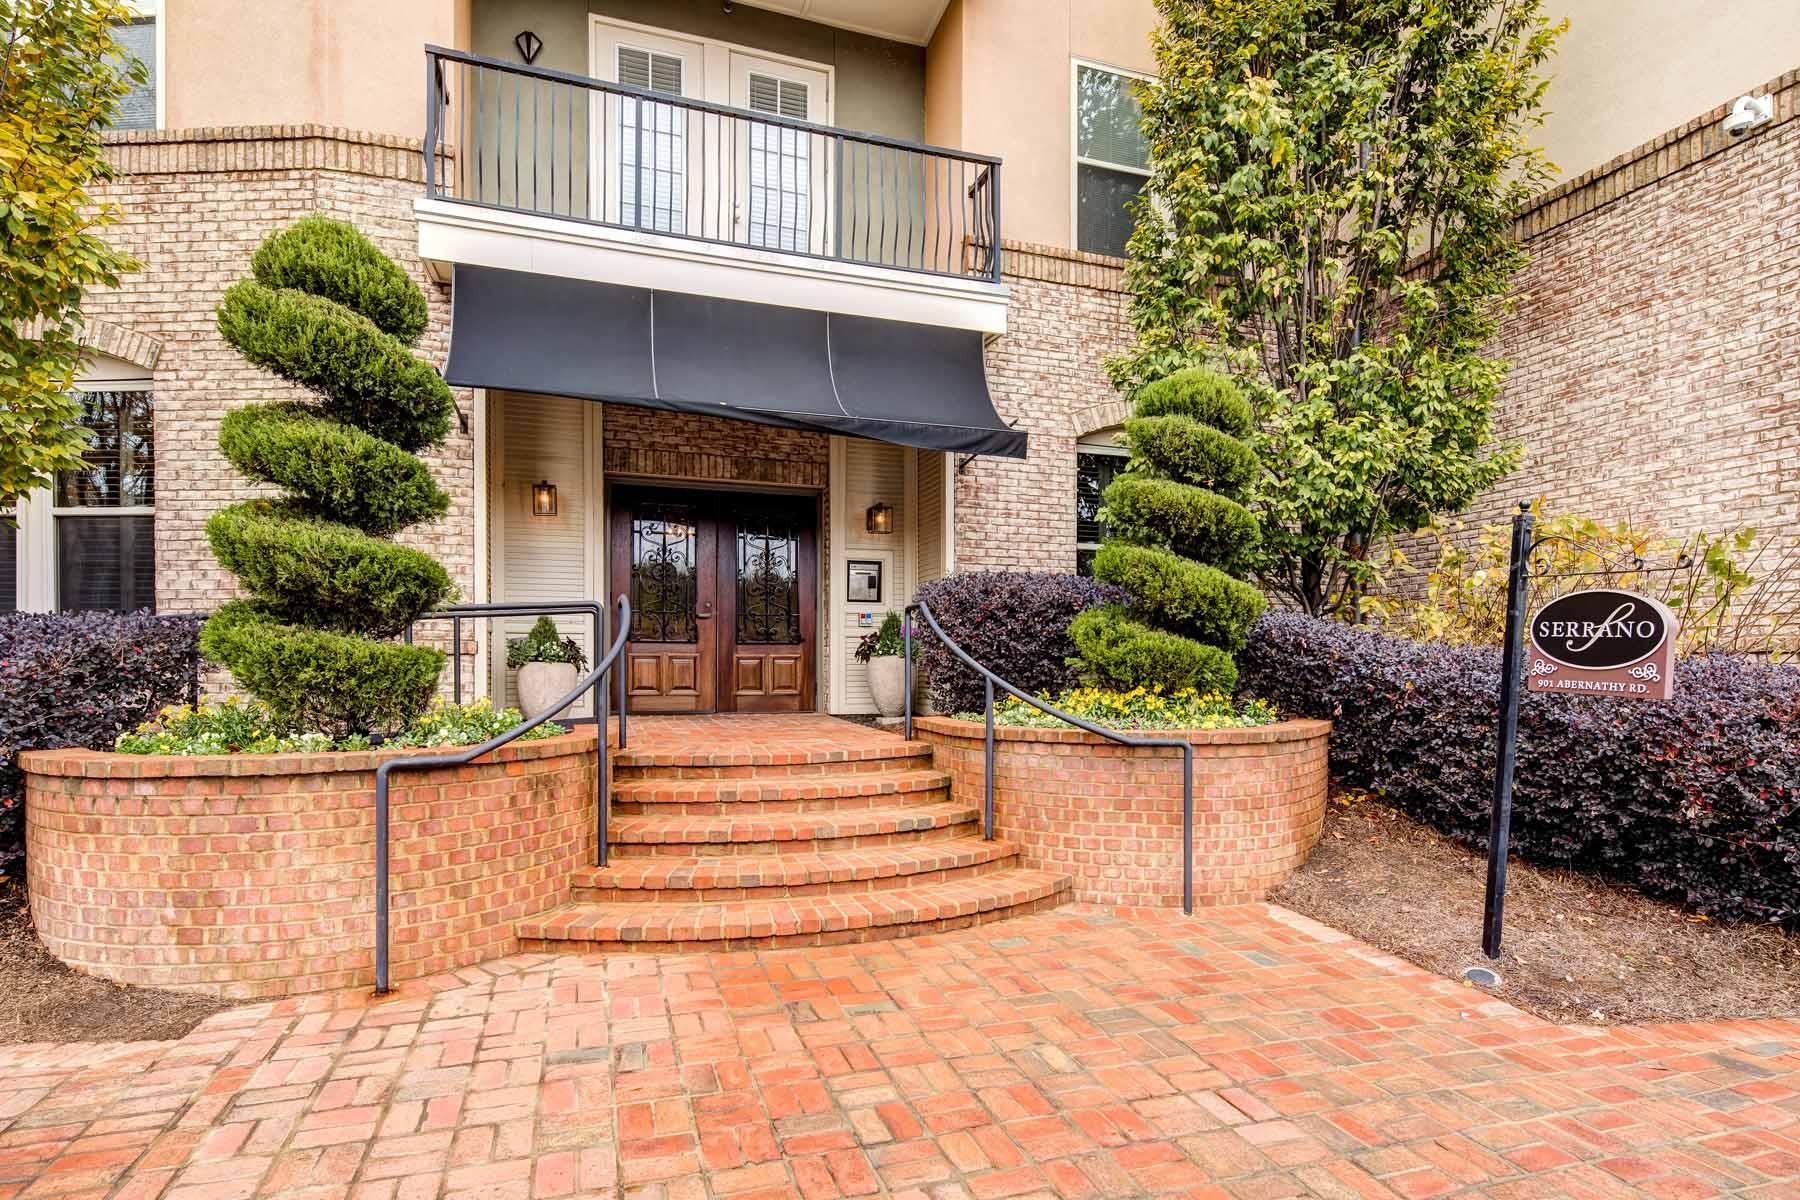 Кондоминиум для того Продажа на Resort Style Building in Perfect Sandy Springs Location 901 Abernathy Road No. 3260 Atlanta, Джорджия, 30328 Соединенные Штаты